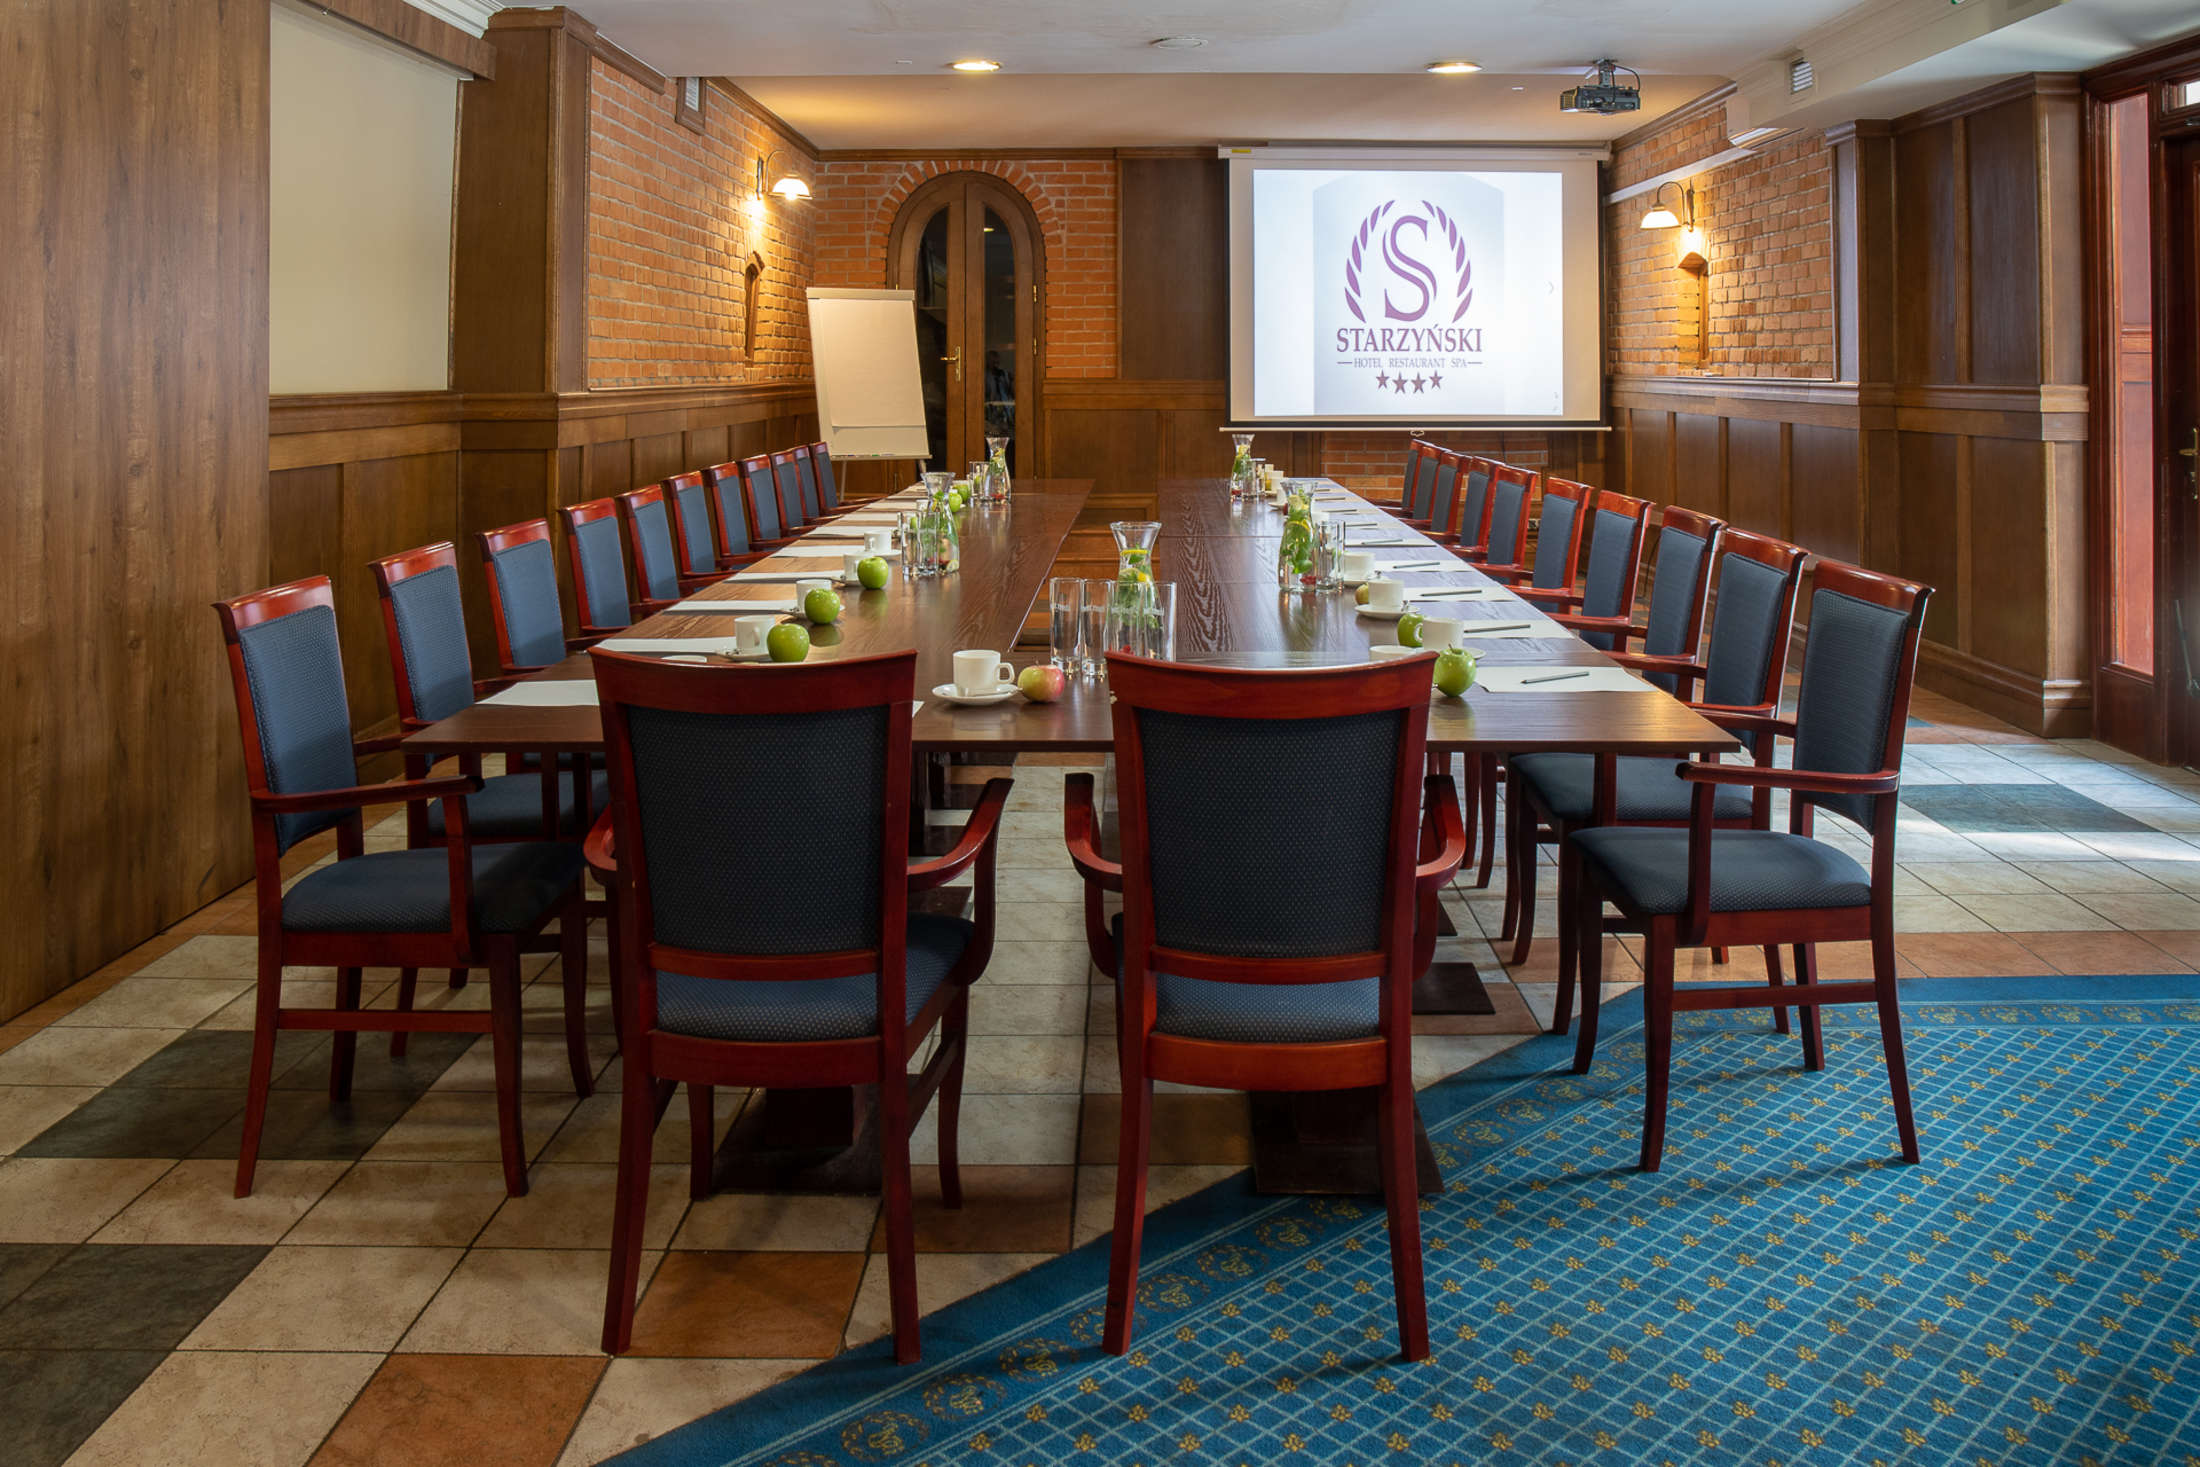 sala konferencyjna zielona starzyński